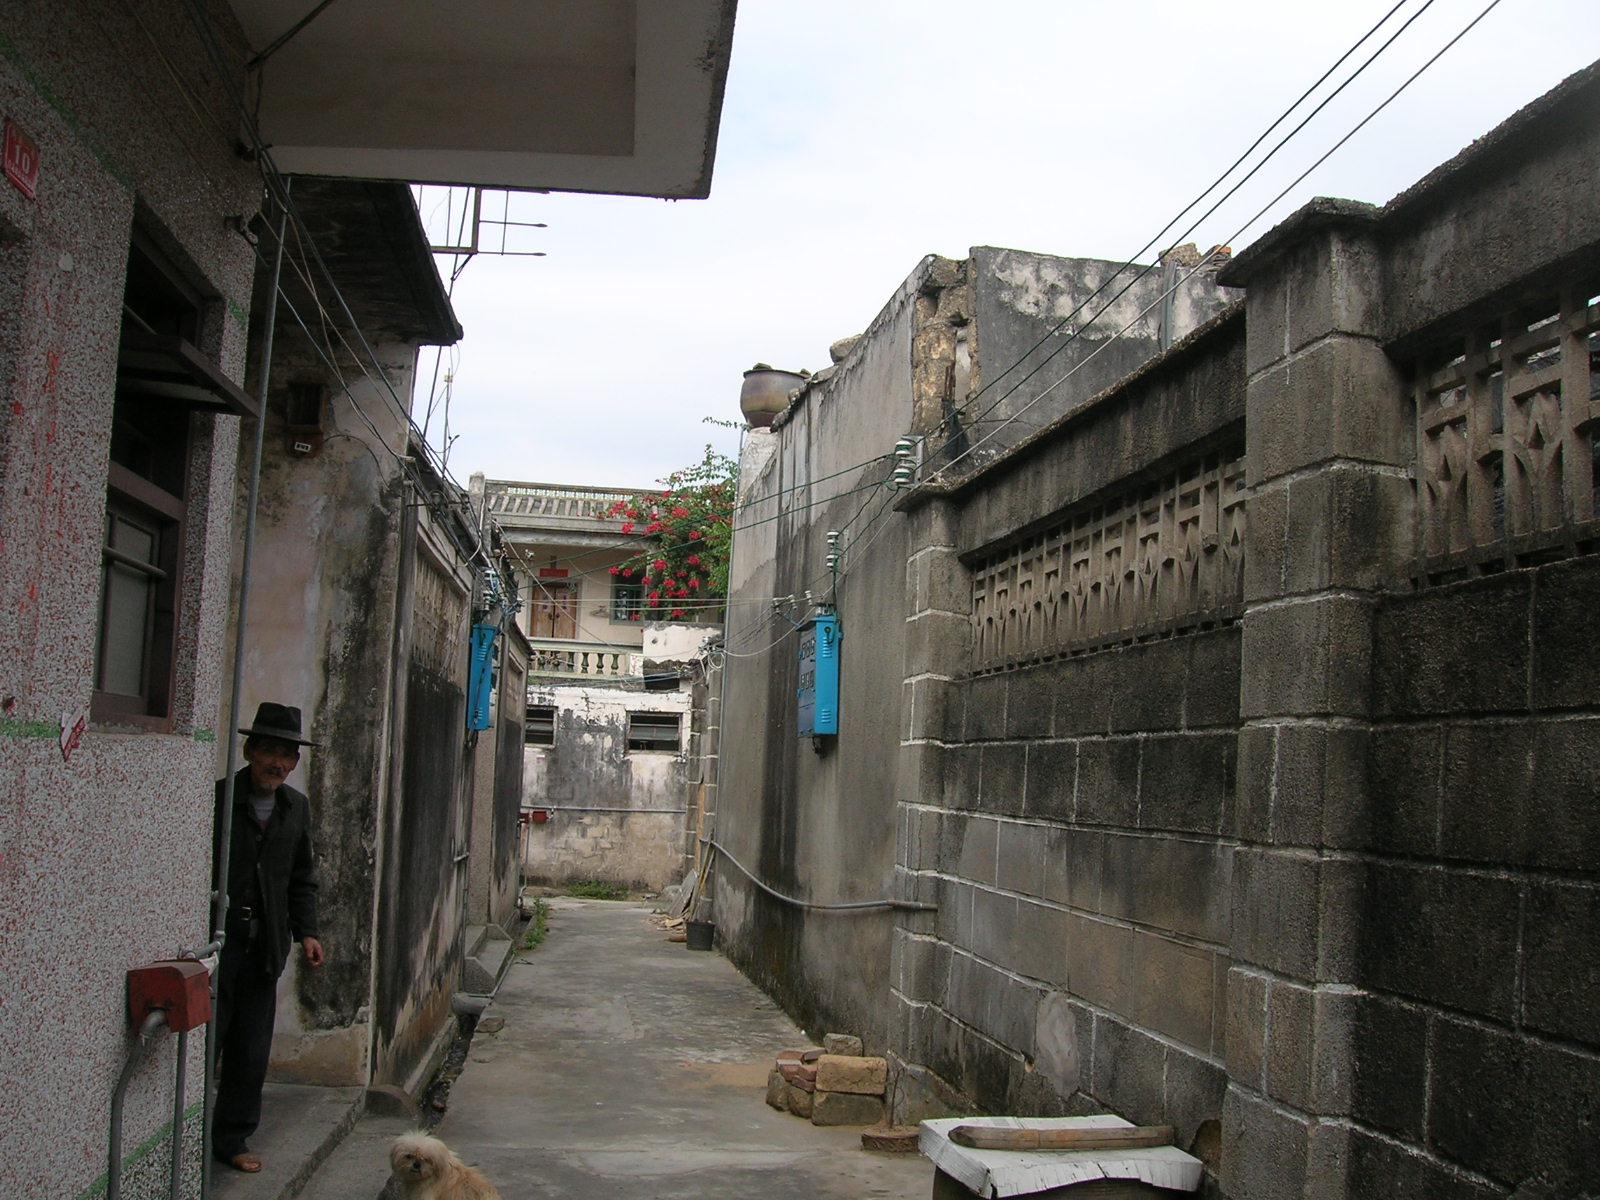 风景 古镇 建筑 街道